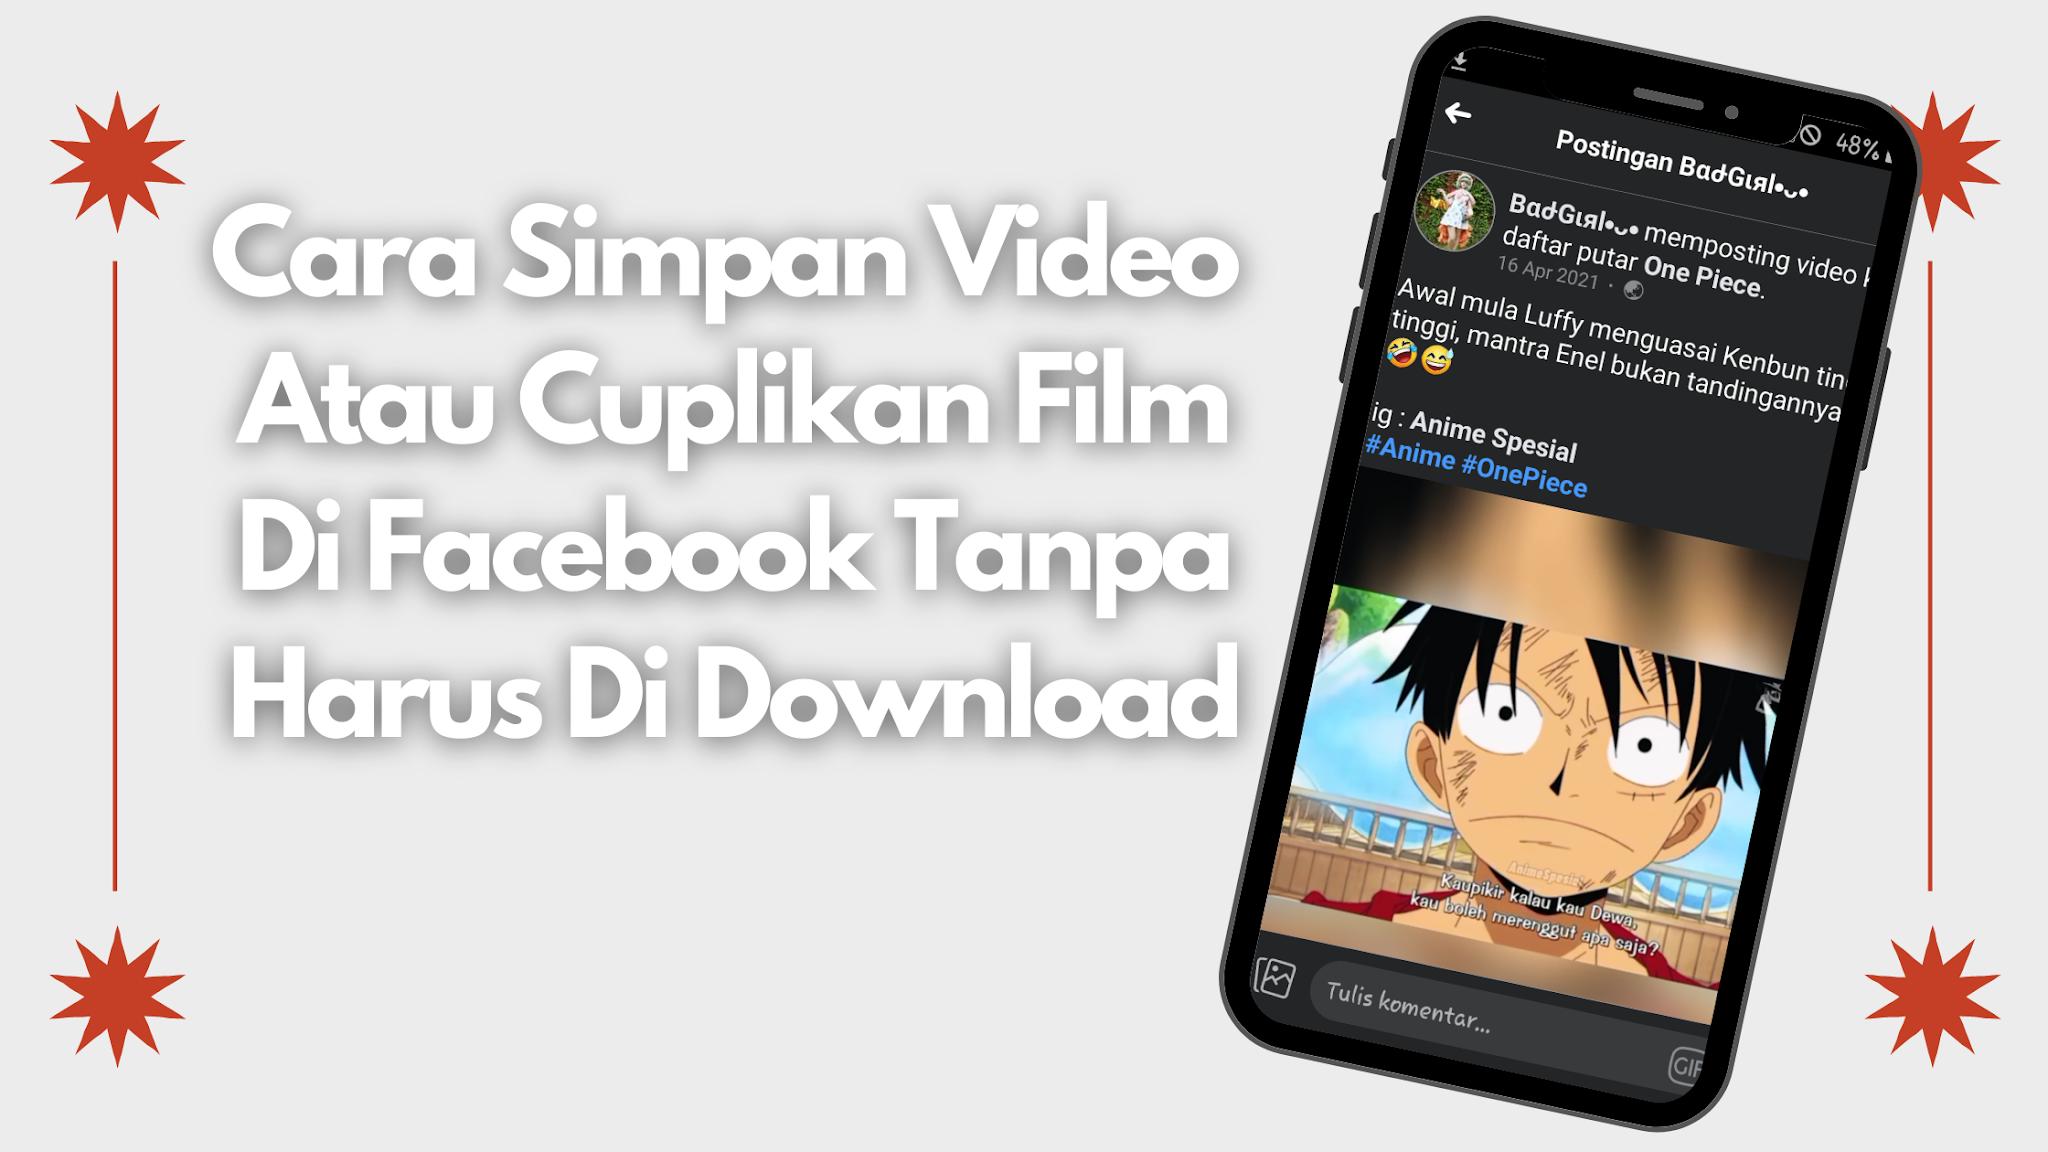 Cara Simpan Video Film Di Facebook Tanpa Harus Di Download